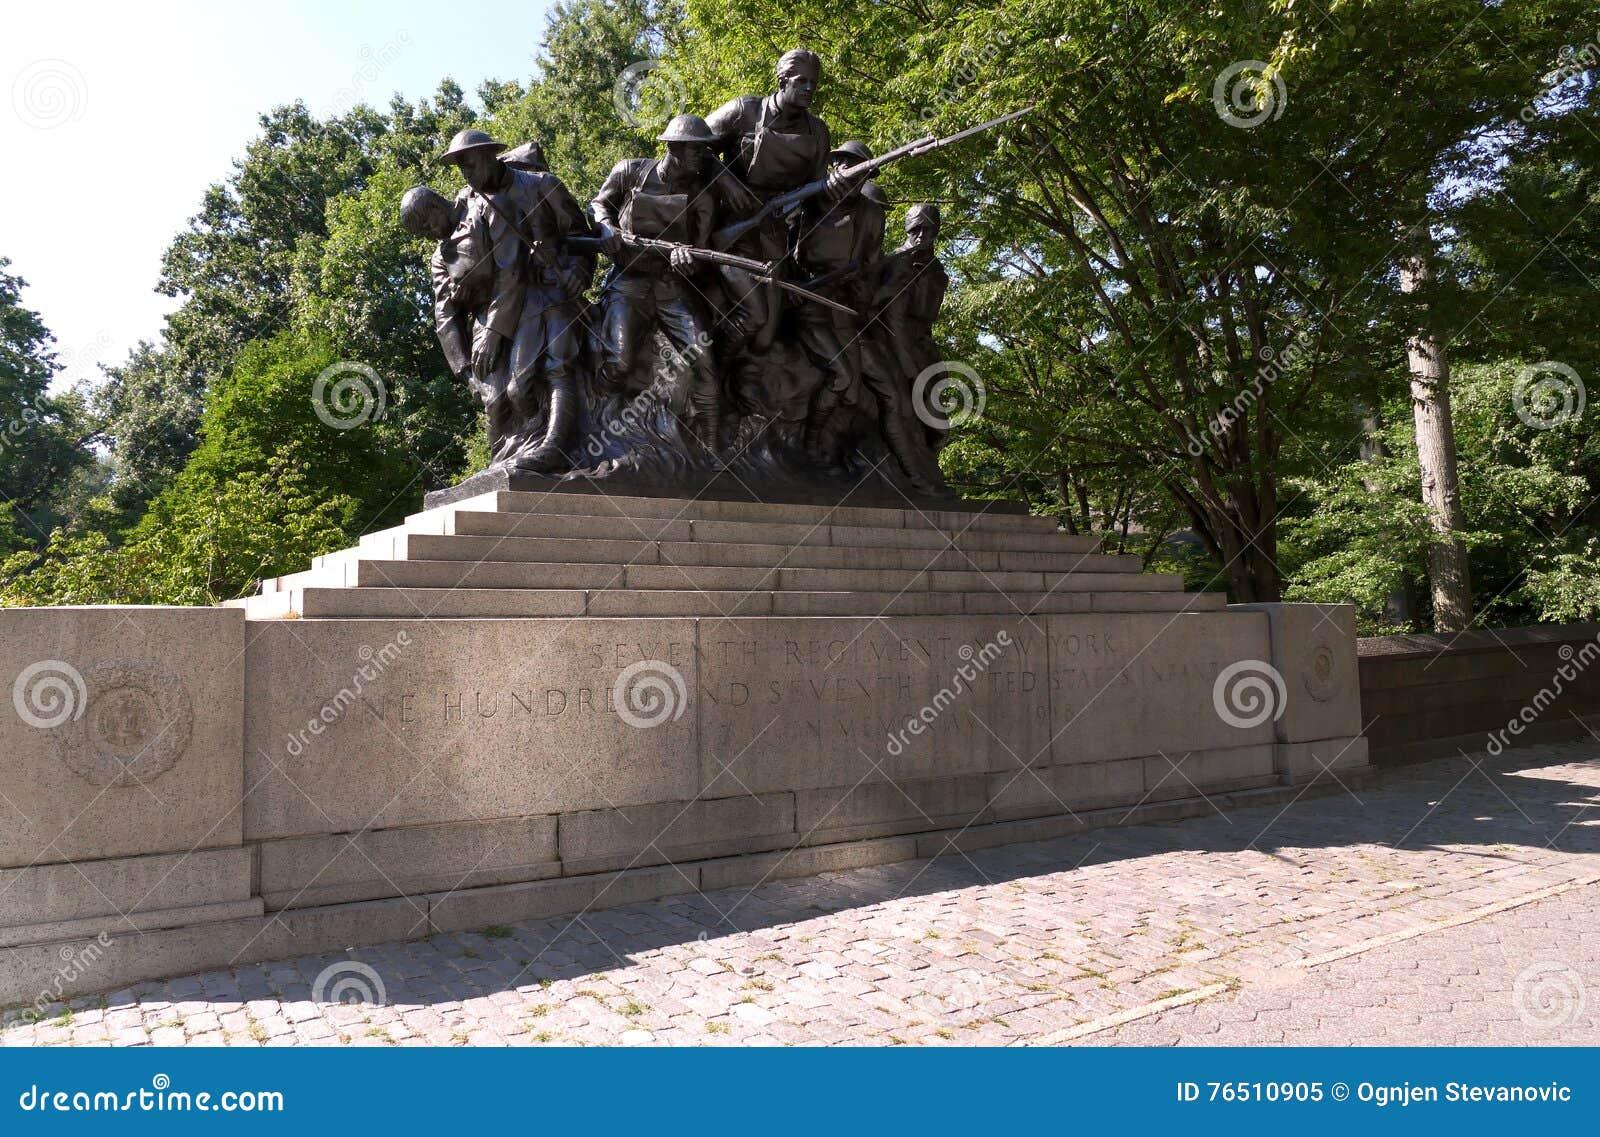 NUEVA YORK, ESTADOS UNIDOS - 25 de agosto de 2016: Monumento para el 7mo regimiento de la milicia de Nueva York - los E.E.U.U. 10